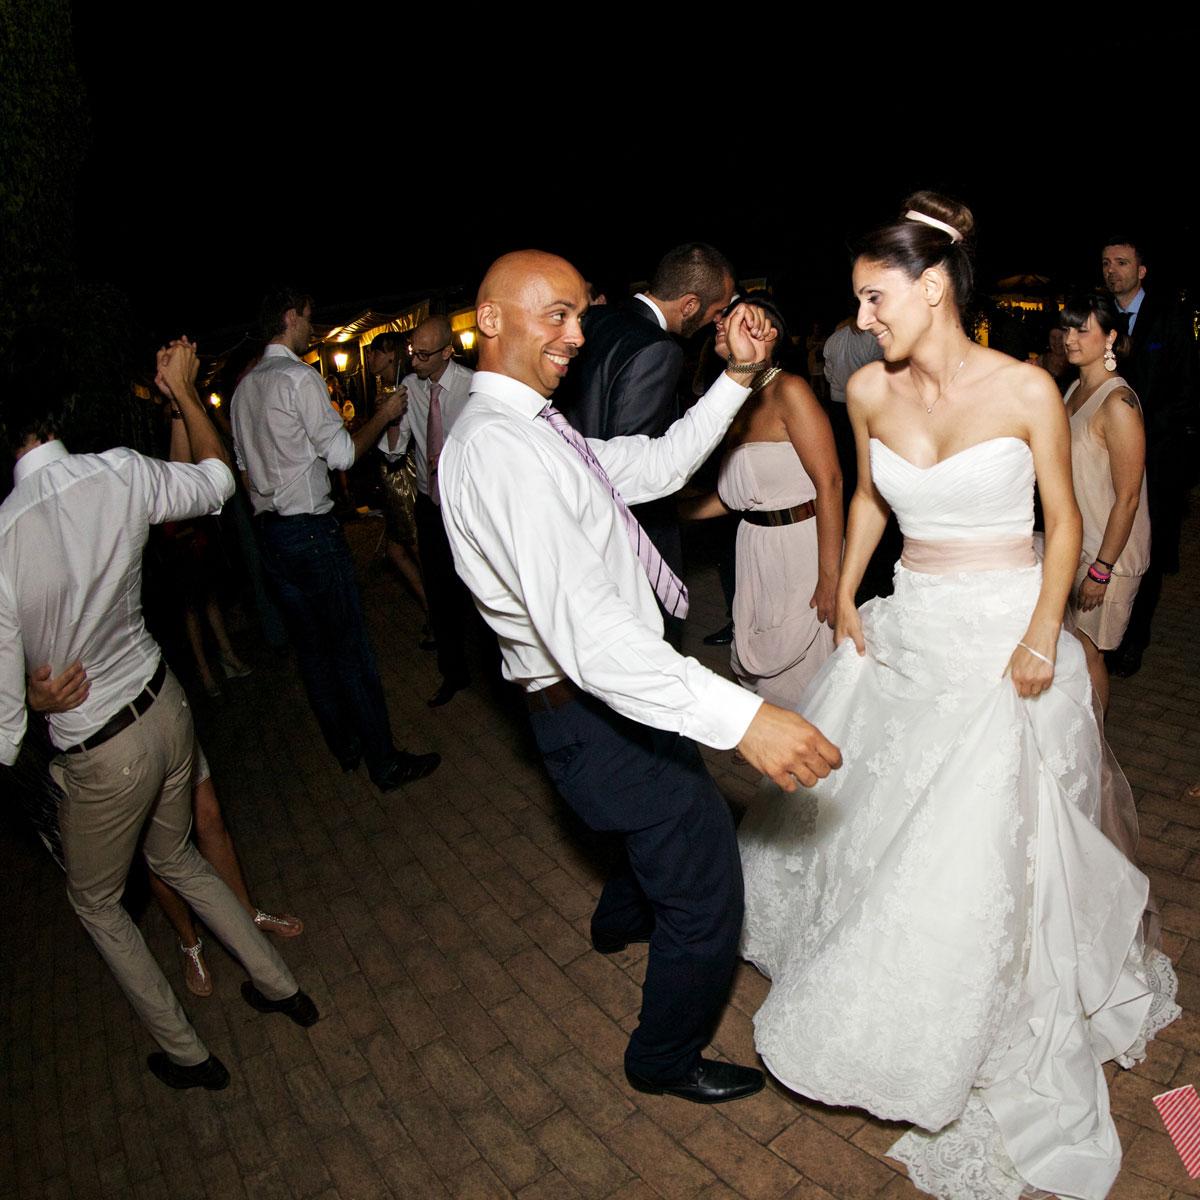 matrimoni-festa_029_SP